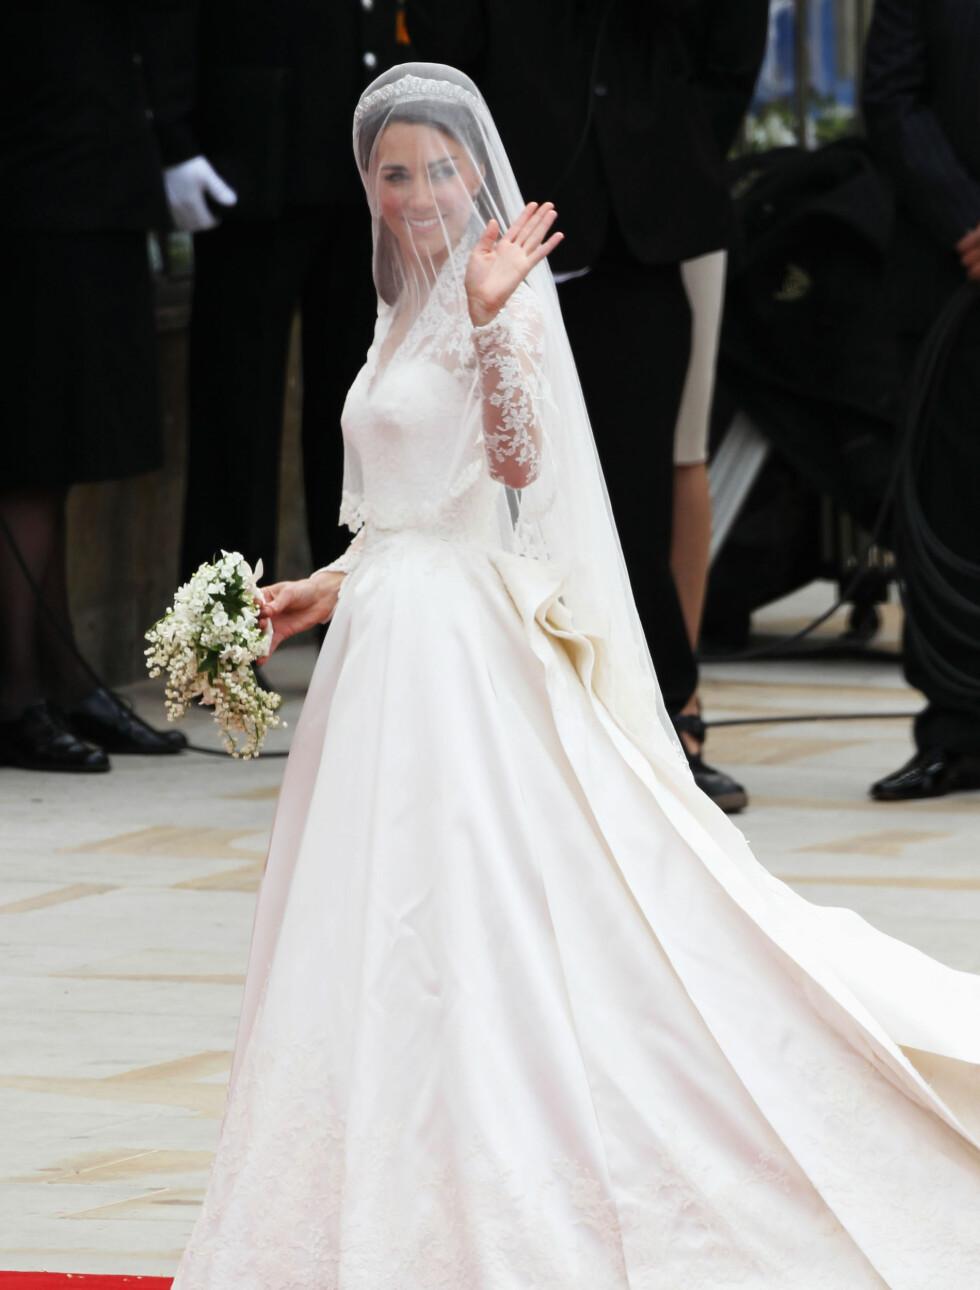 KOSTBAR: Kates brudekjole ble designet av Sarah Burton for Alexander McQueen og skal ha kostet 2,5 millioner kroner, ifølge britiske medier. Foto: All Over Press